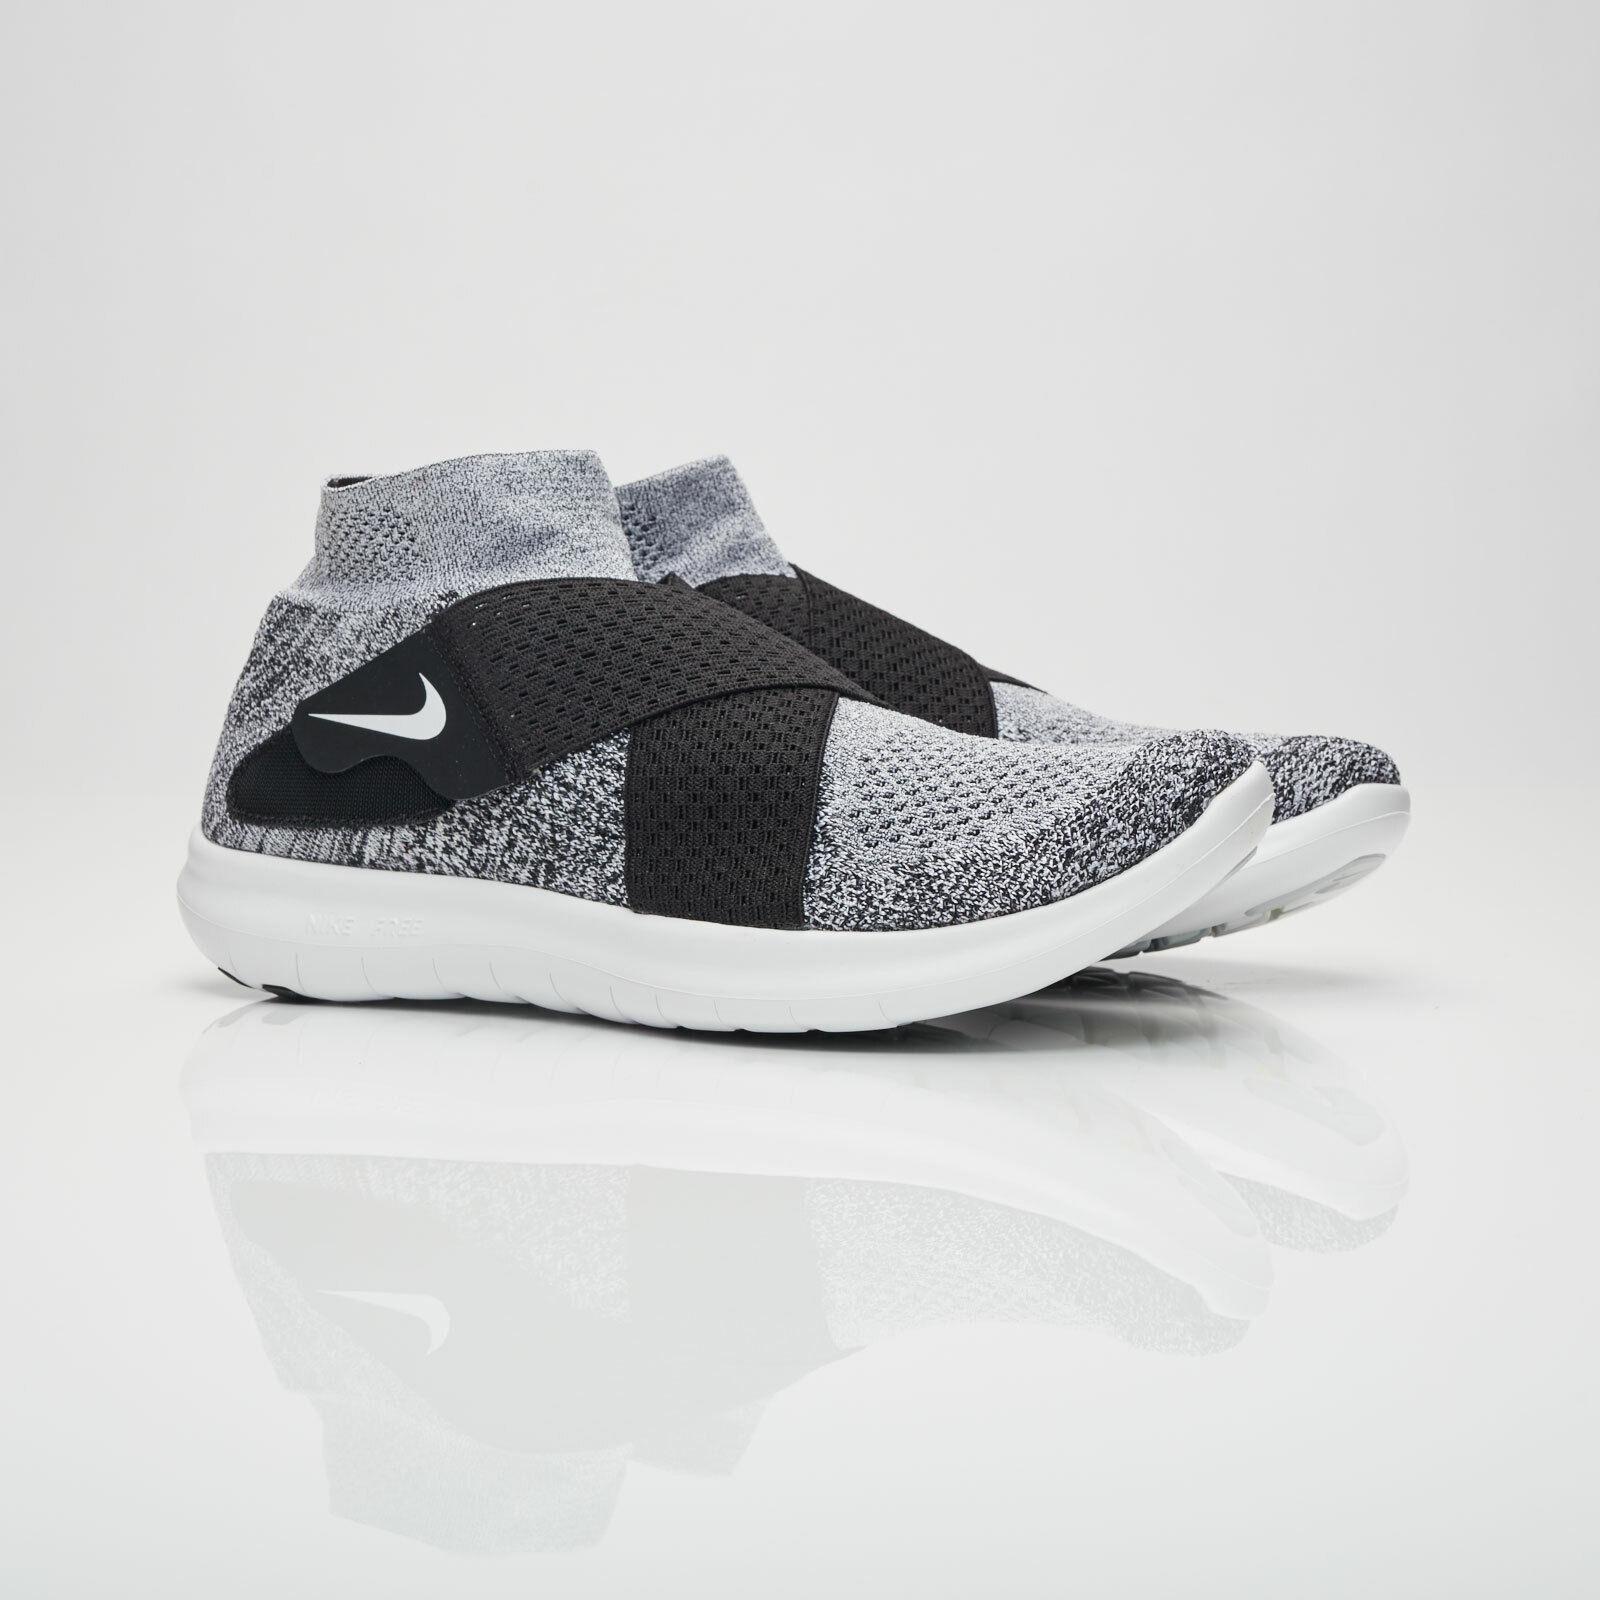 Men's Men's Men's Size  12 - Nike Free RN Motion FK 2017 Running shoes Black Oreo 880845-001 877760